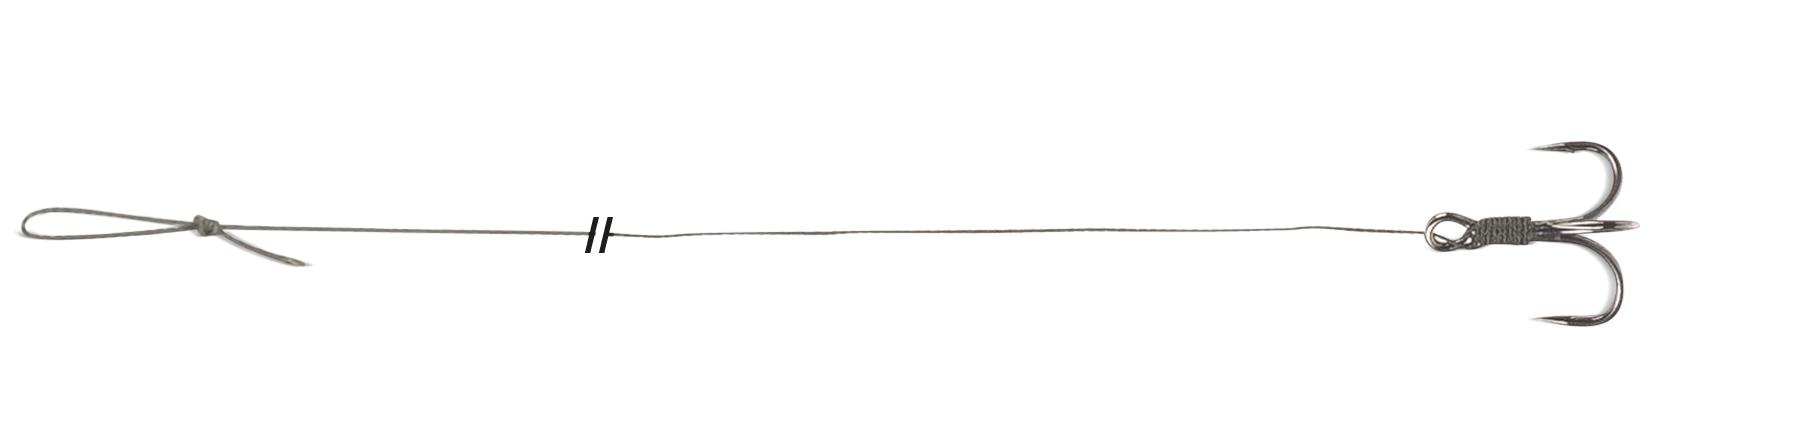 Uni Cat návazec Treble Hook Rig Velikost 3/0